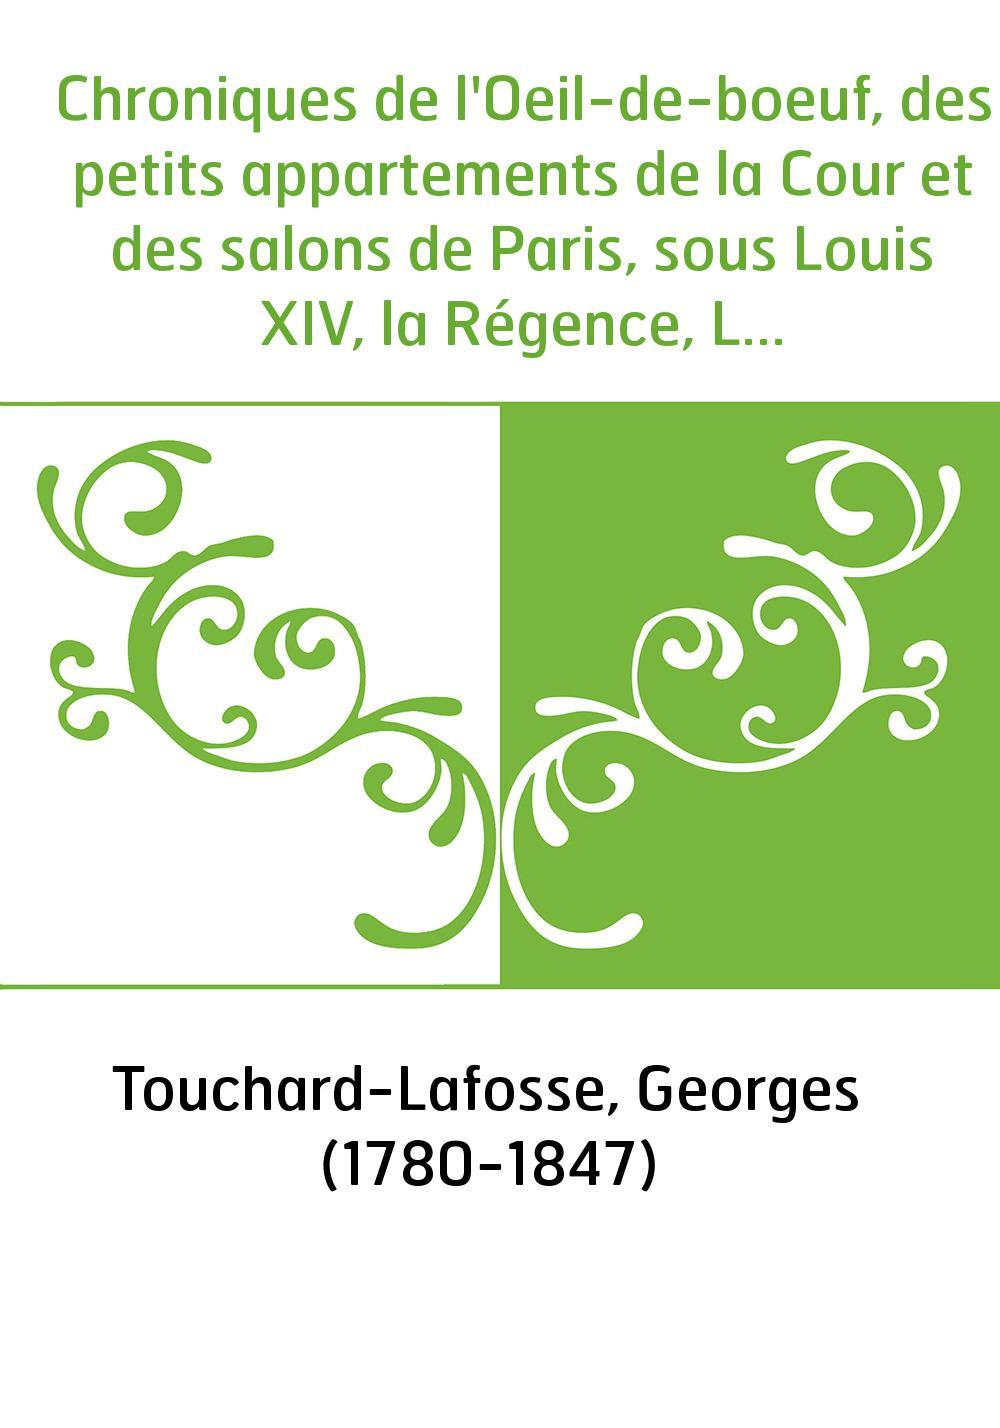 Chroniques de l'Oeil-de-boeuf, des petits appartements de la Cour et des salons de Paris, sous Louis XIV, la Régence, Louis XV e